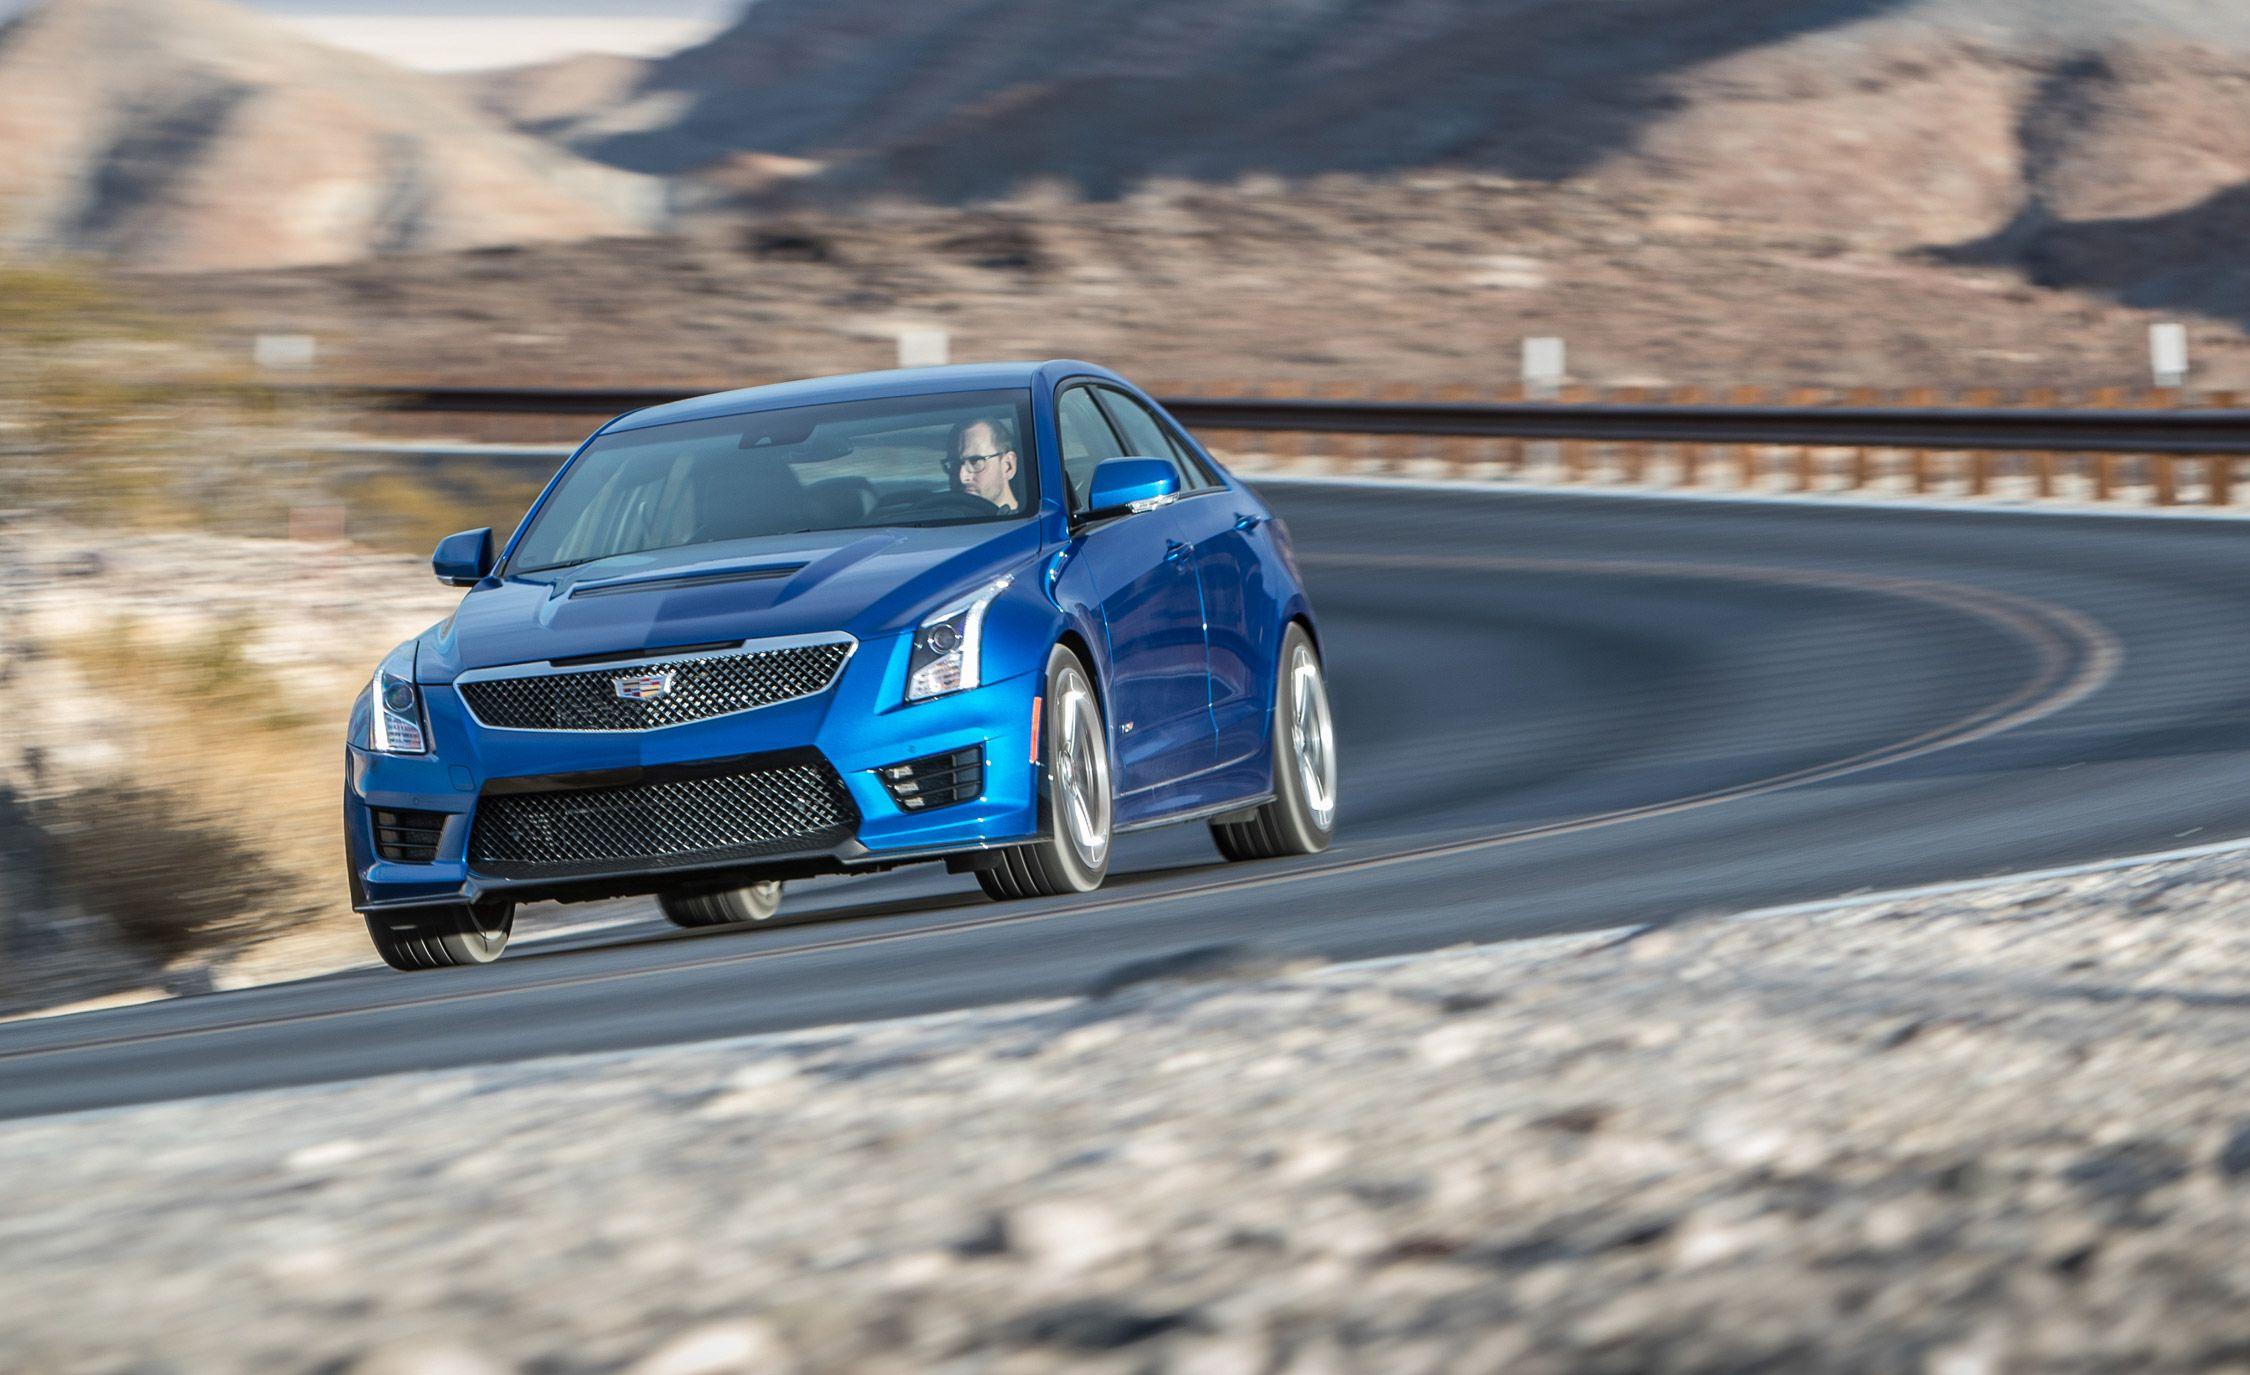 Cadillac Ats V Reviews Price Photos And Specs 2012 Xts Wiring Diagram Car Driver